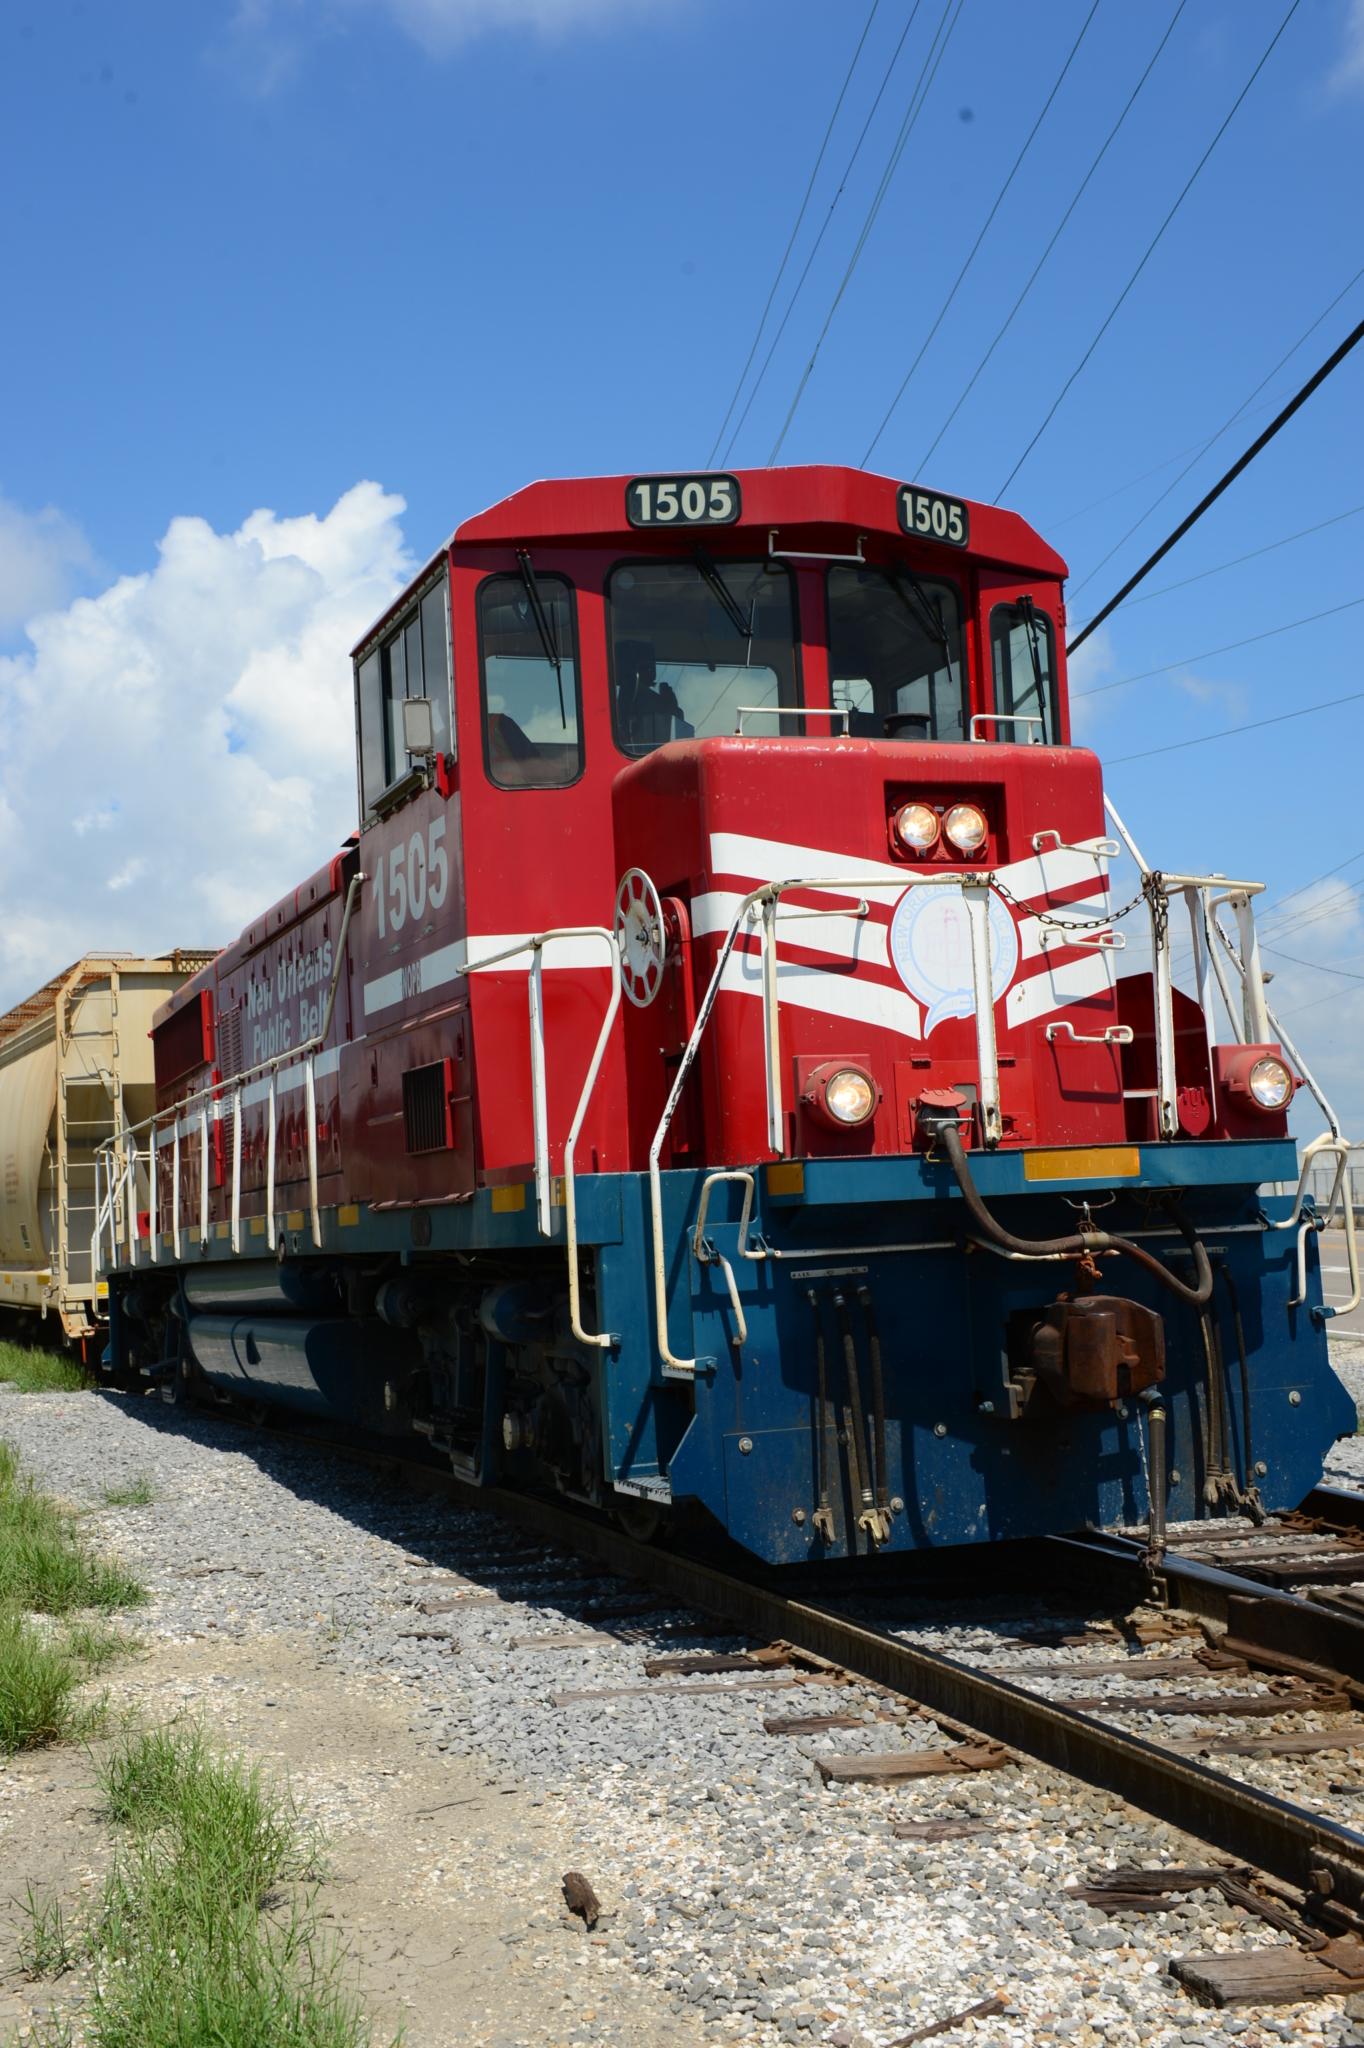 1505 Locomotiv